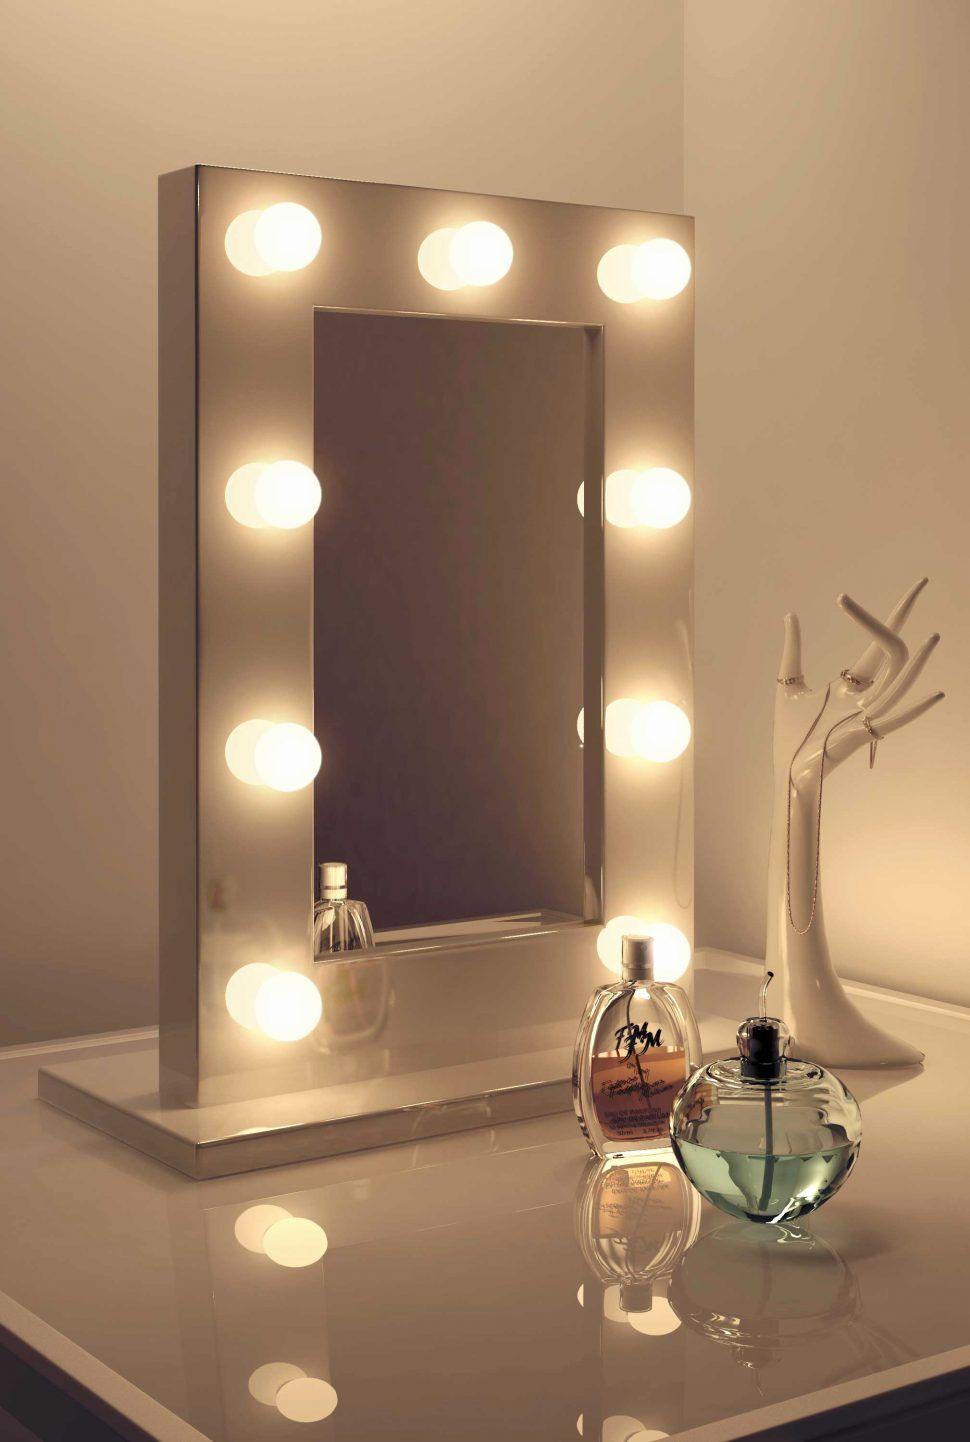 Hollywood Schminkspiegel Ein Satiniertes Glas Ein Stuck Eitelkeit Gibt Ihnen Einen Exotischen L Hollywood Schminkspiegel Schminkspiegel Beleuchteter Spiegel